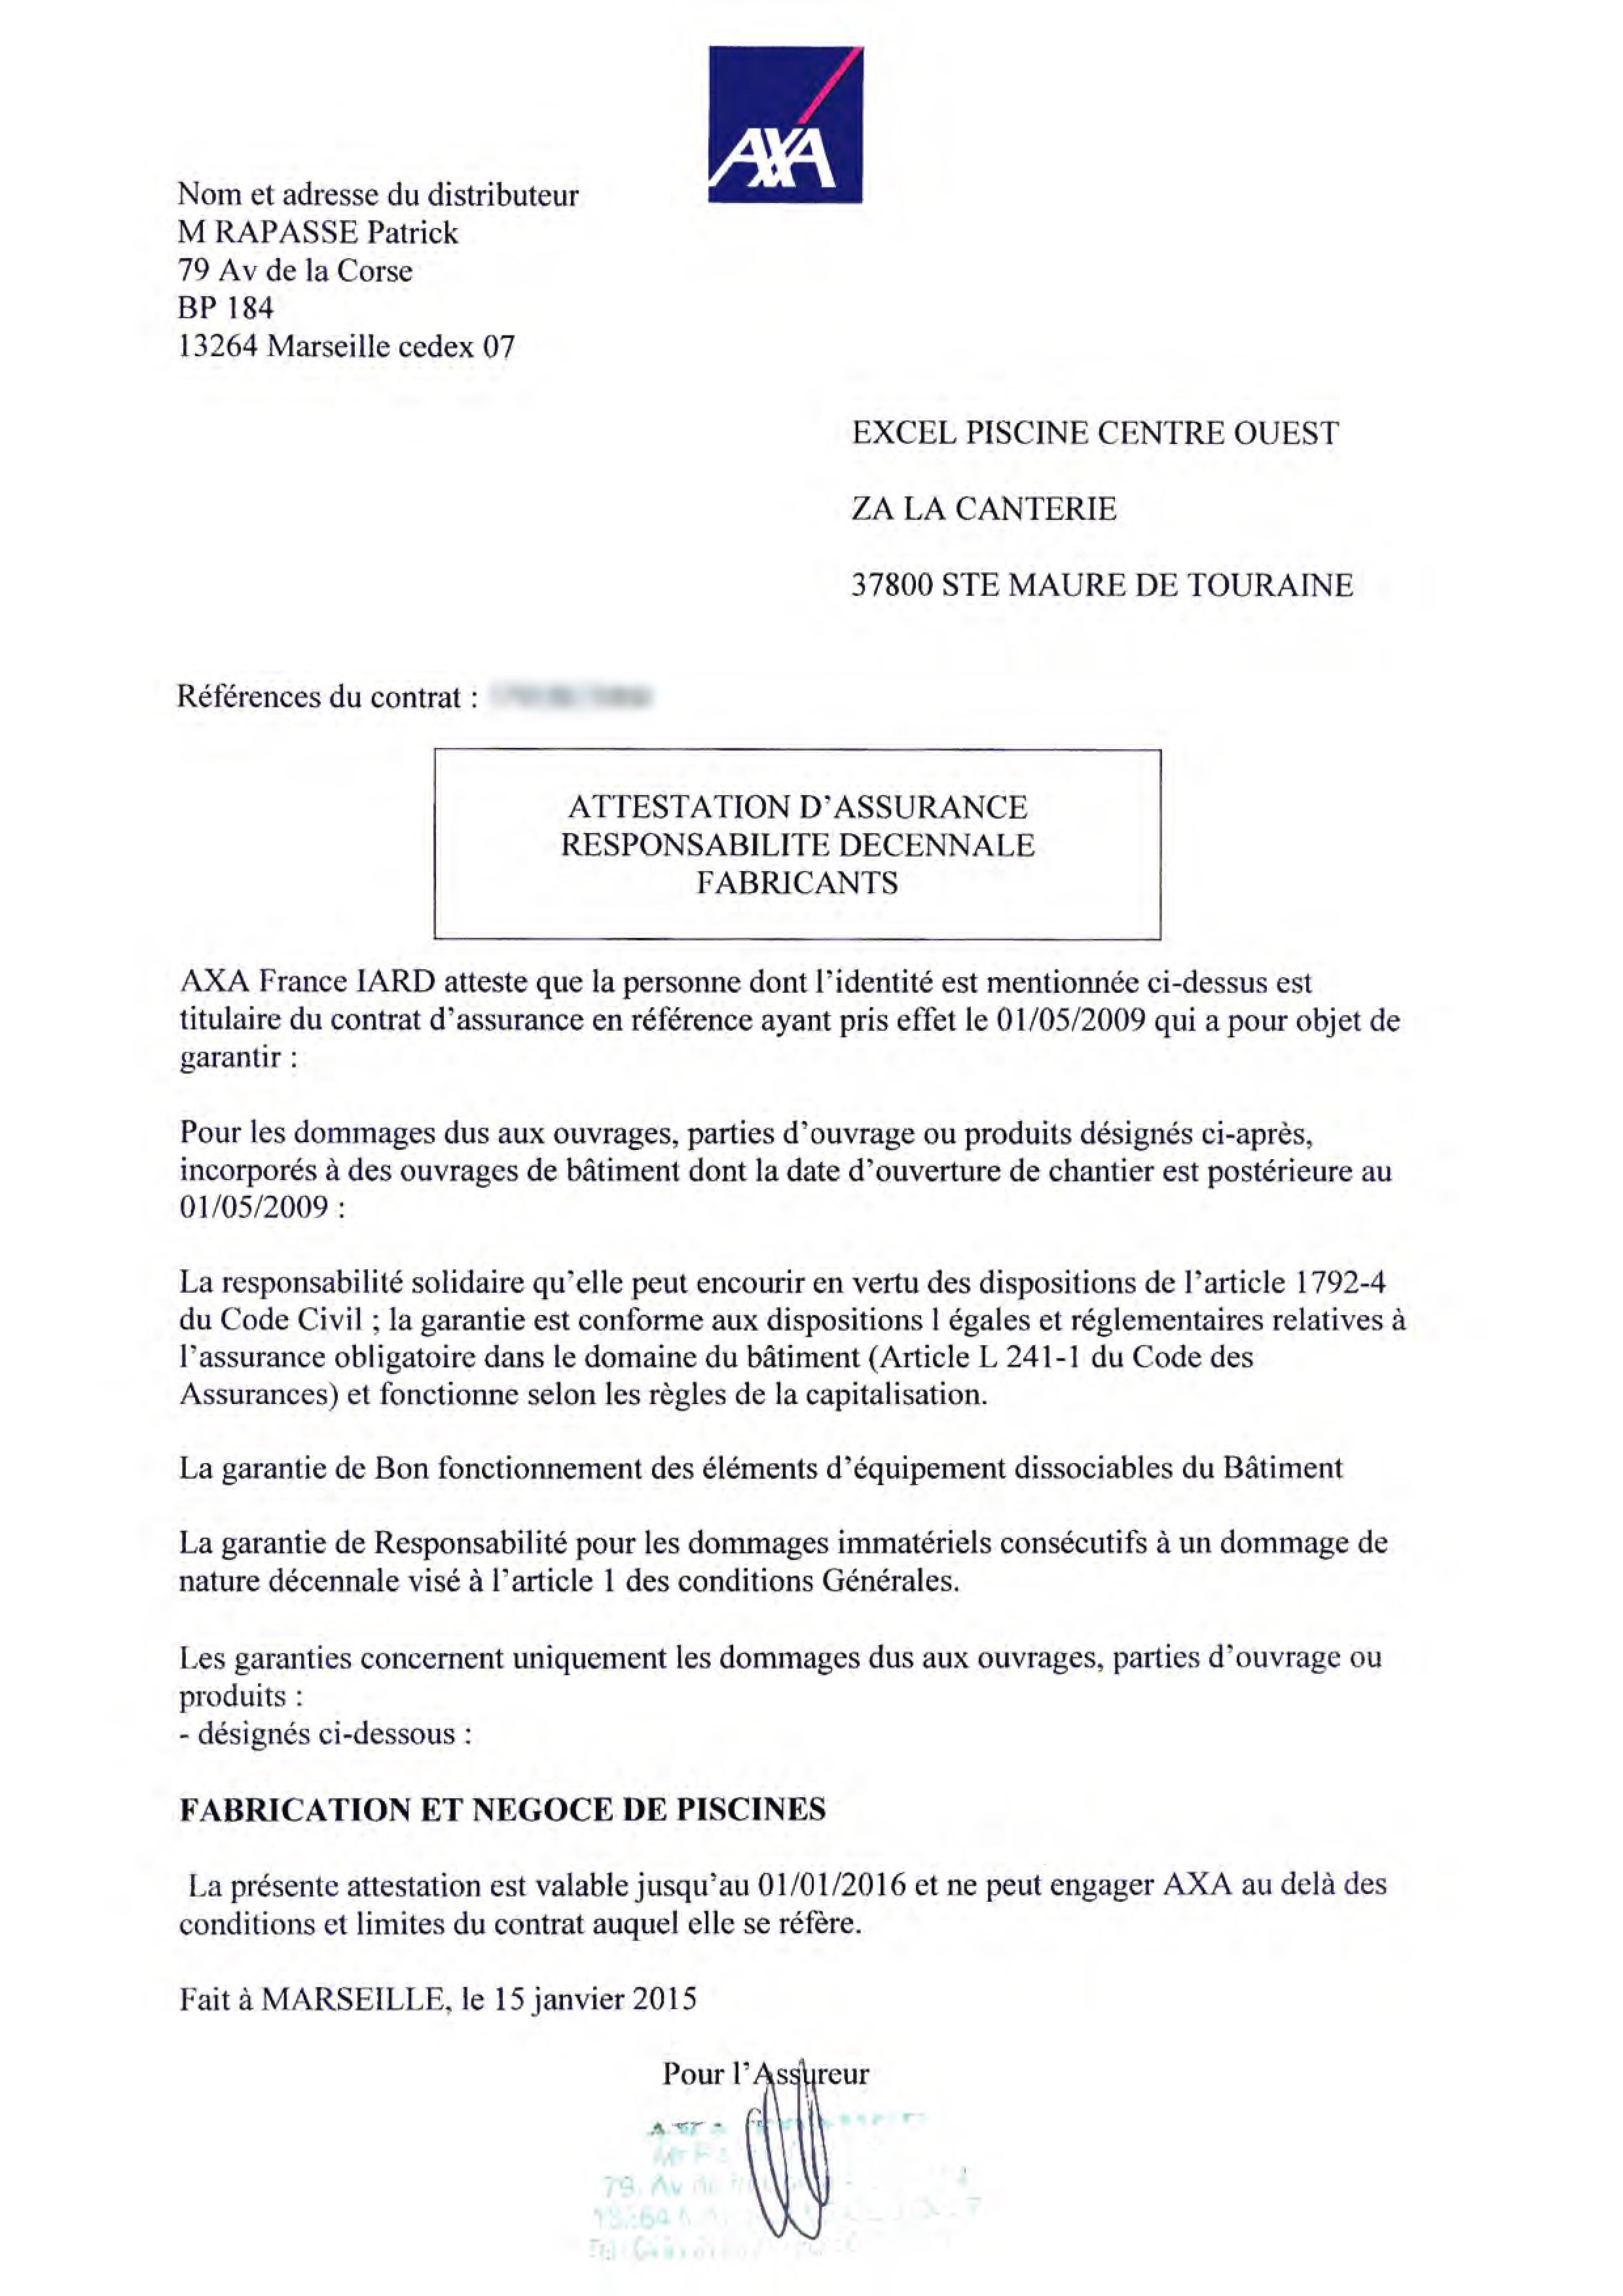 Modele Attestation Garantie Decennale Document Online